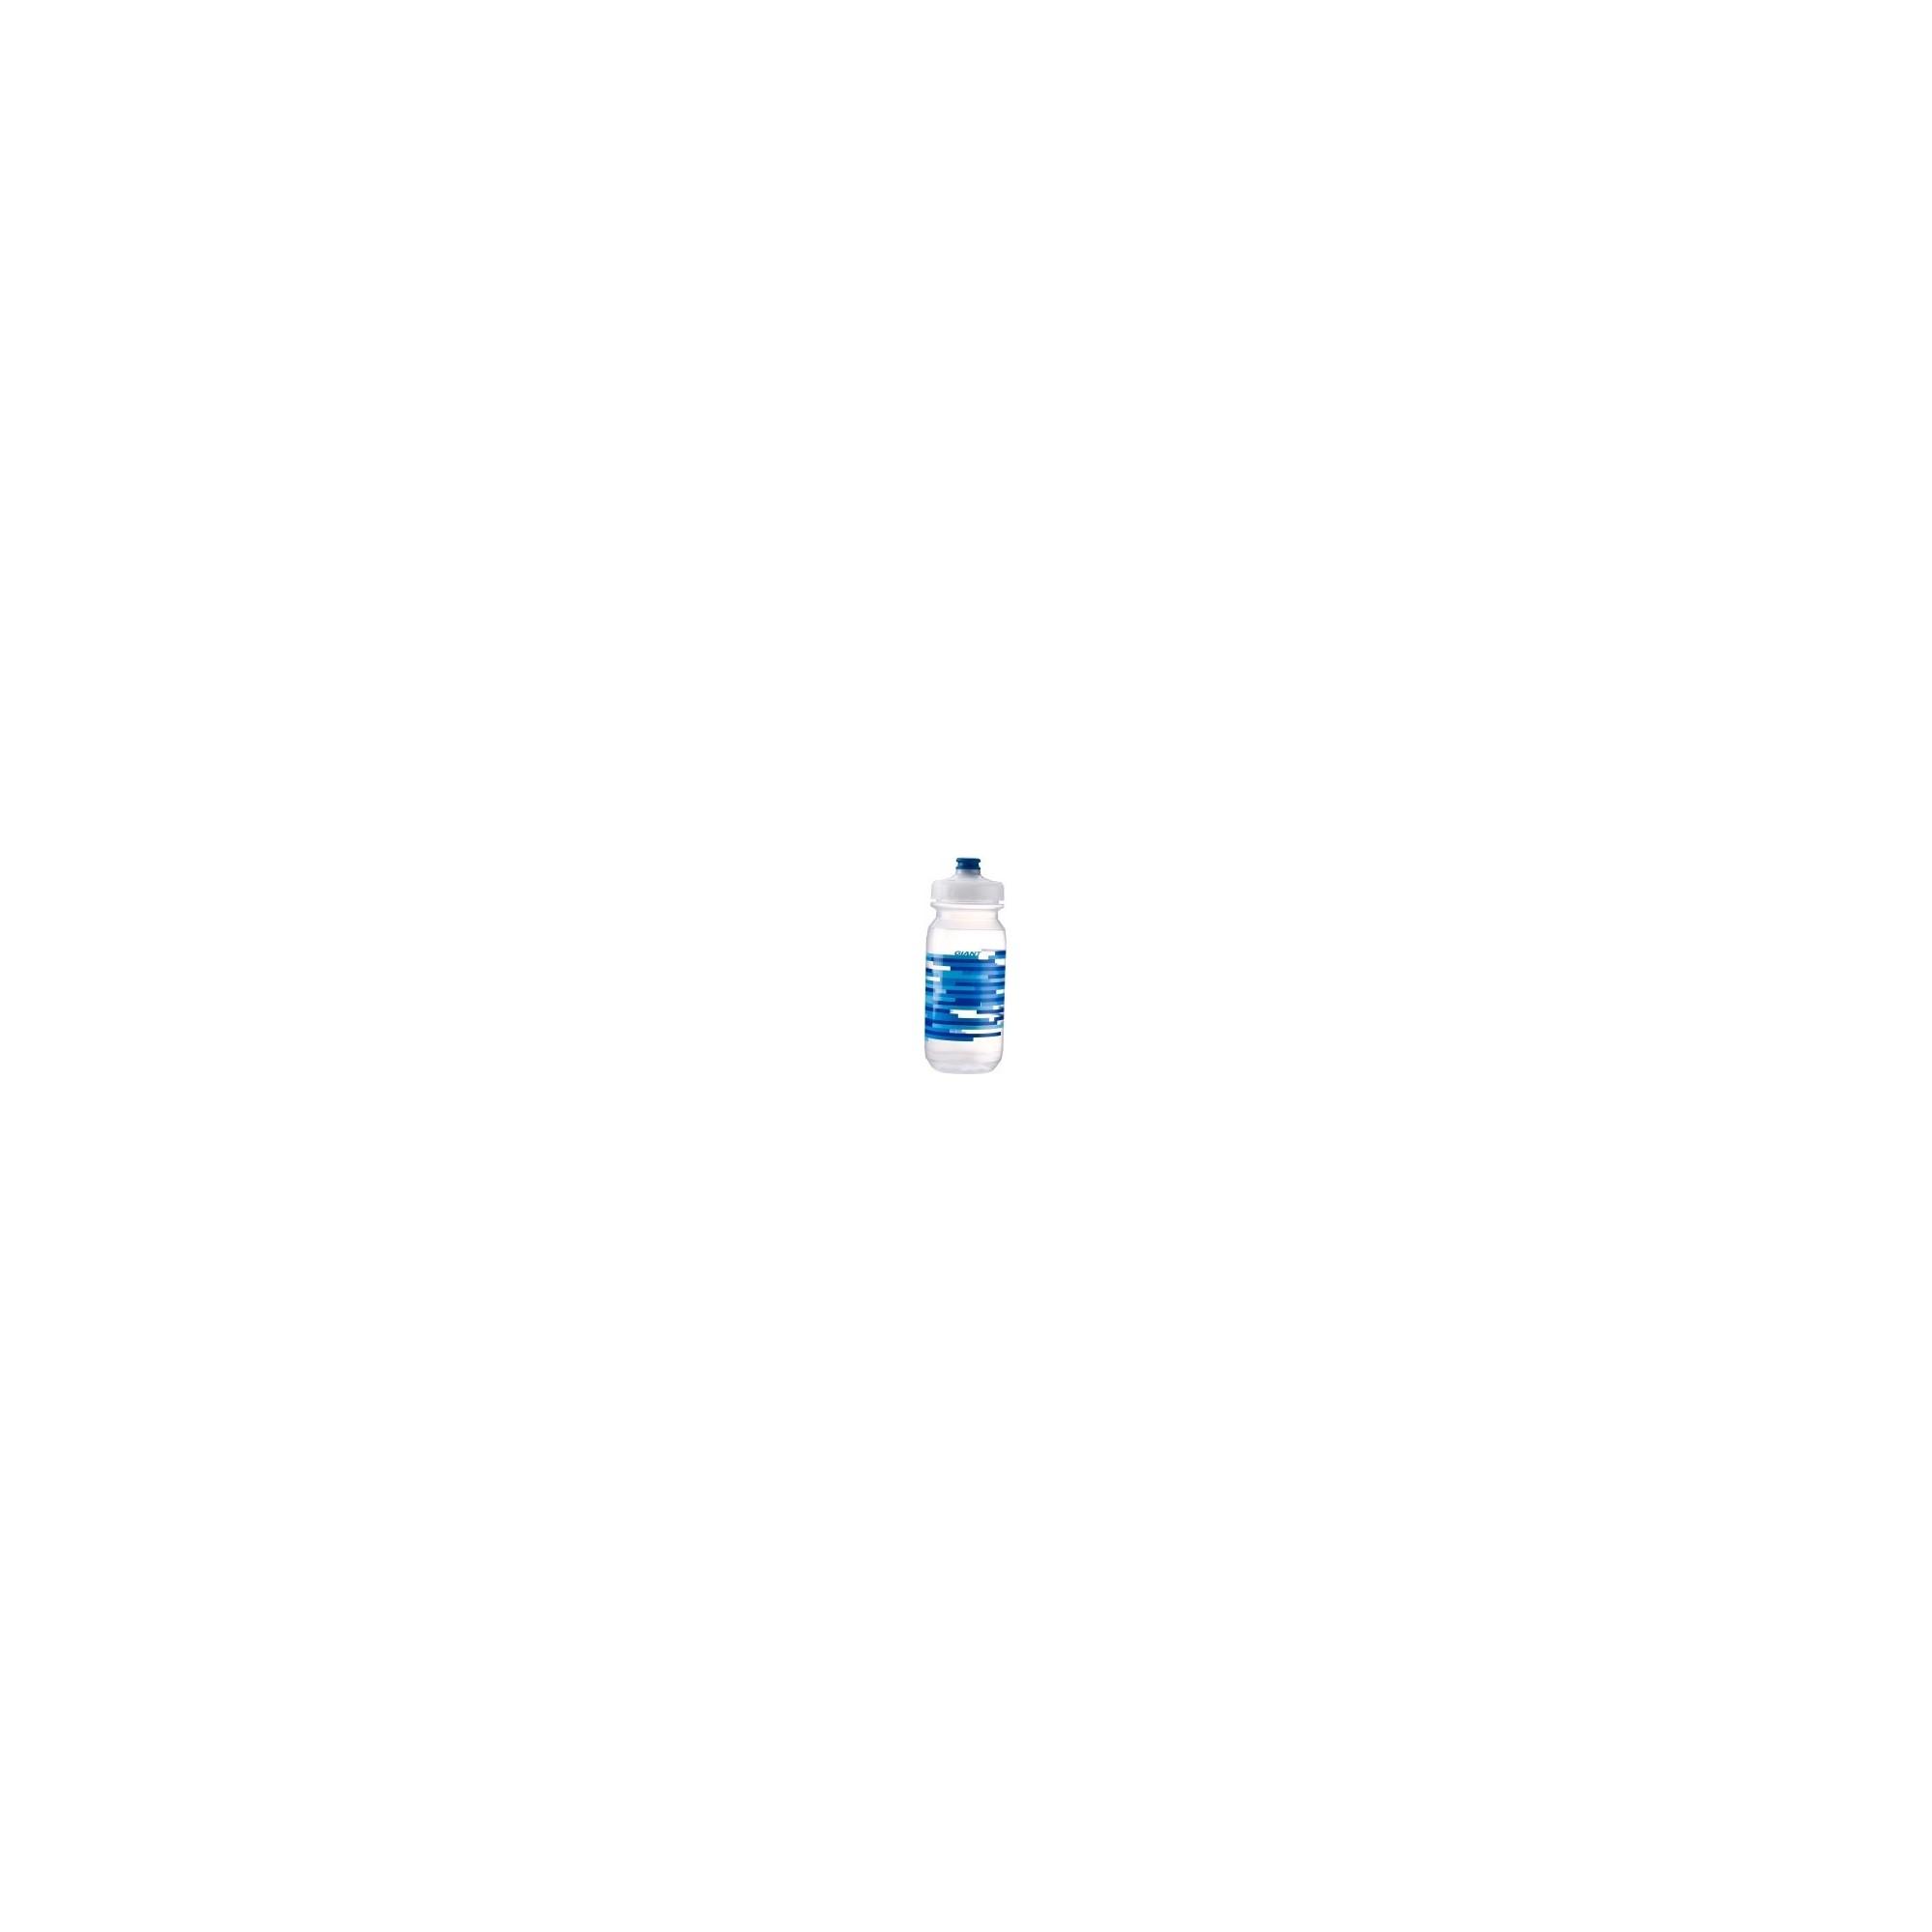 Bidon velo Giant transparent-bleu doubleSpring rapide 600 & 750ml